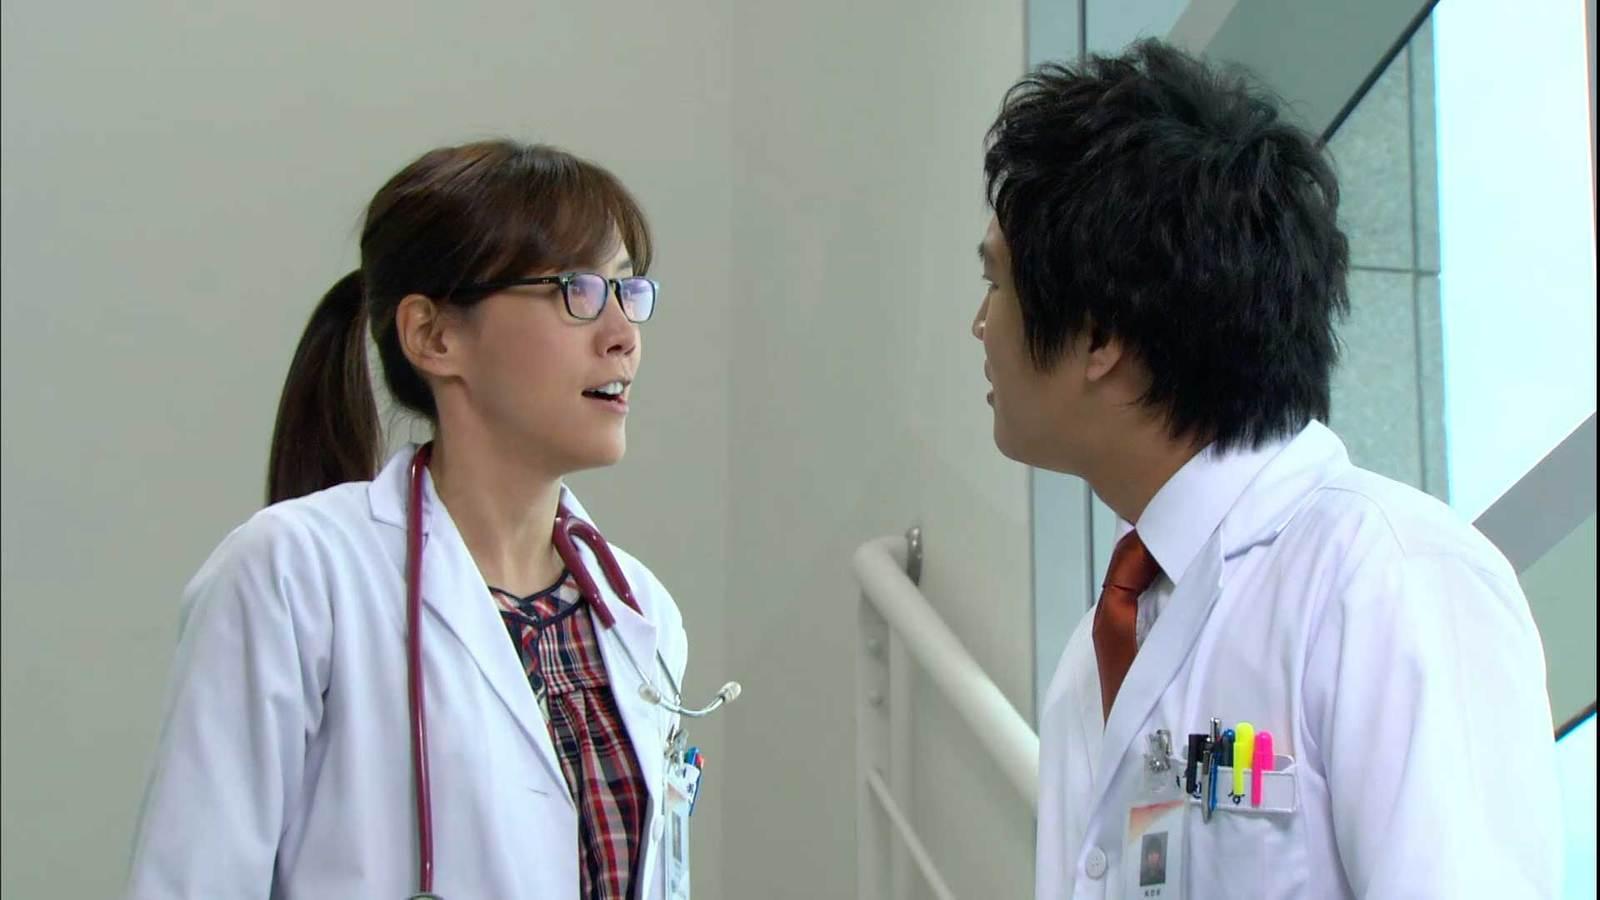 General Hospital Episode 6: Episode 6